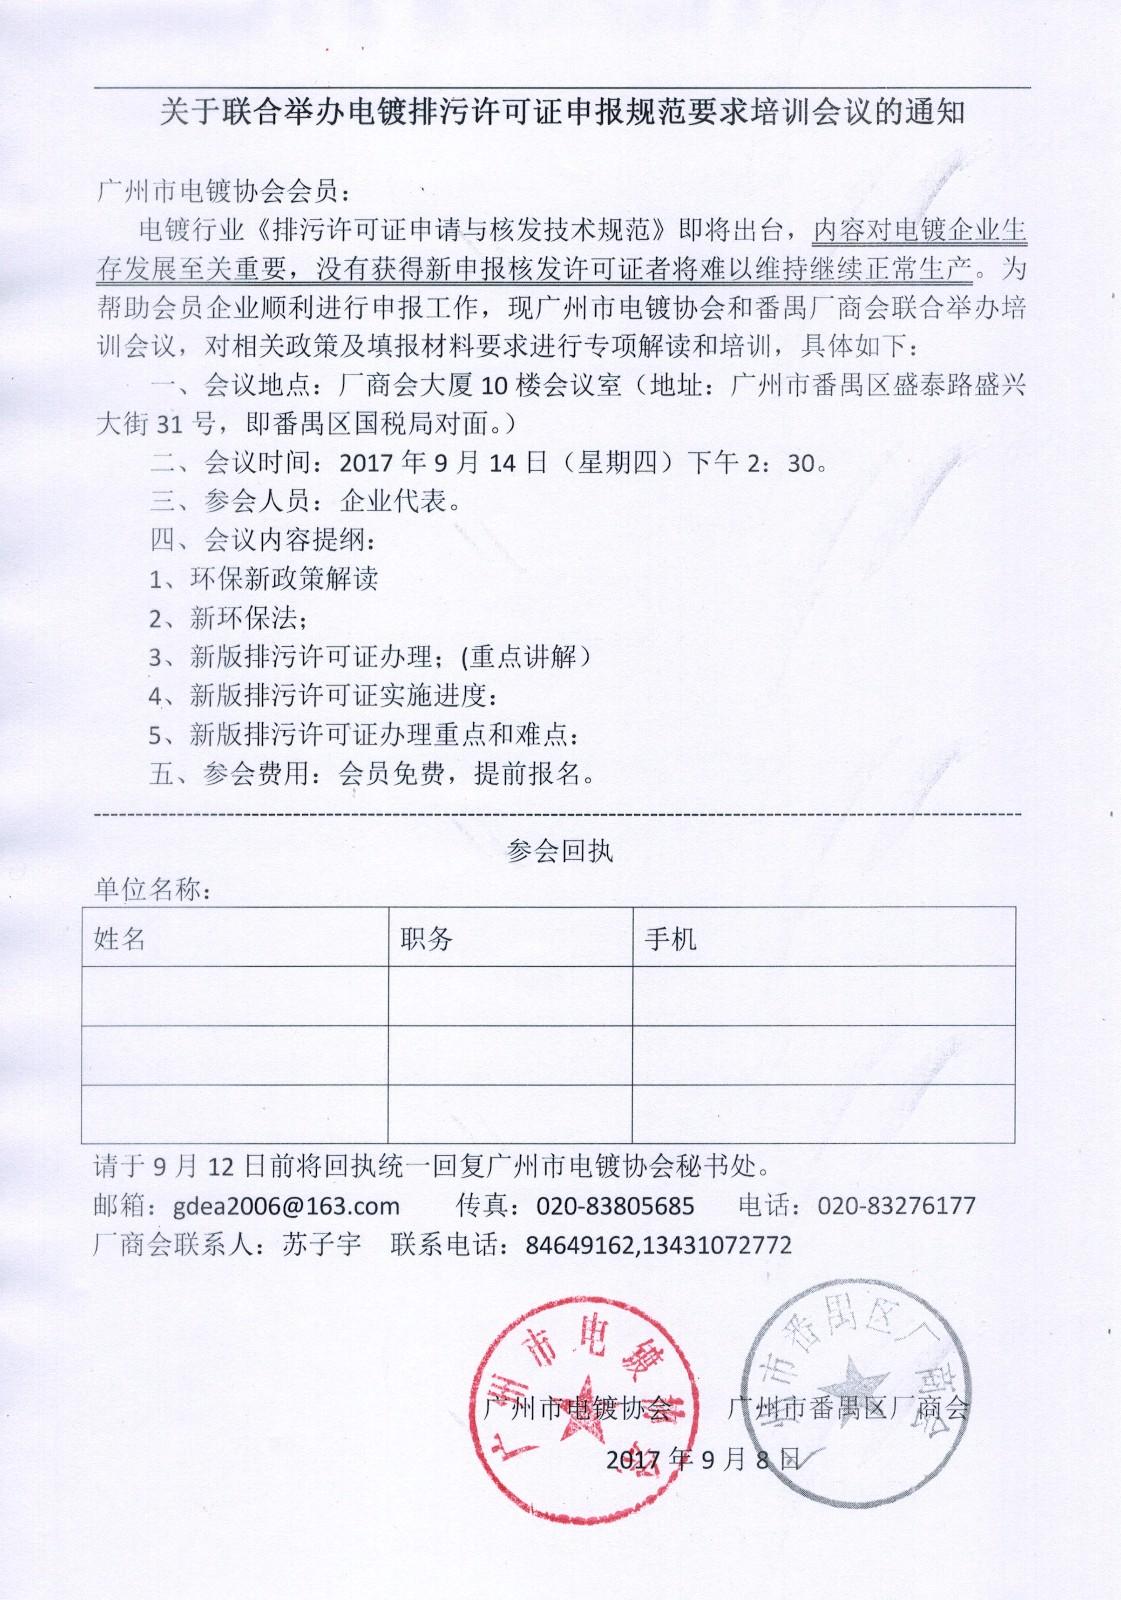 (广州市电镀协会)关于联合举办电镀排污许可证申报规范要求培训会议的通知.jpg